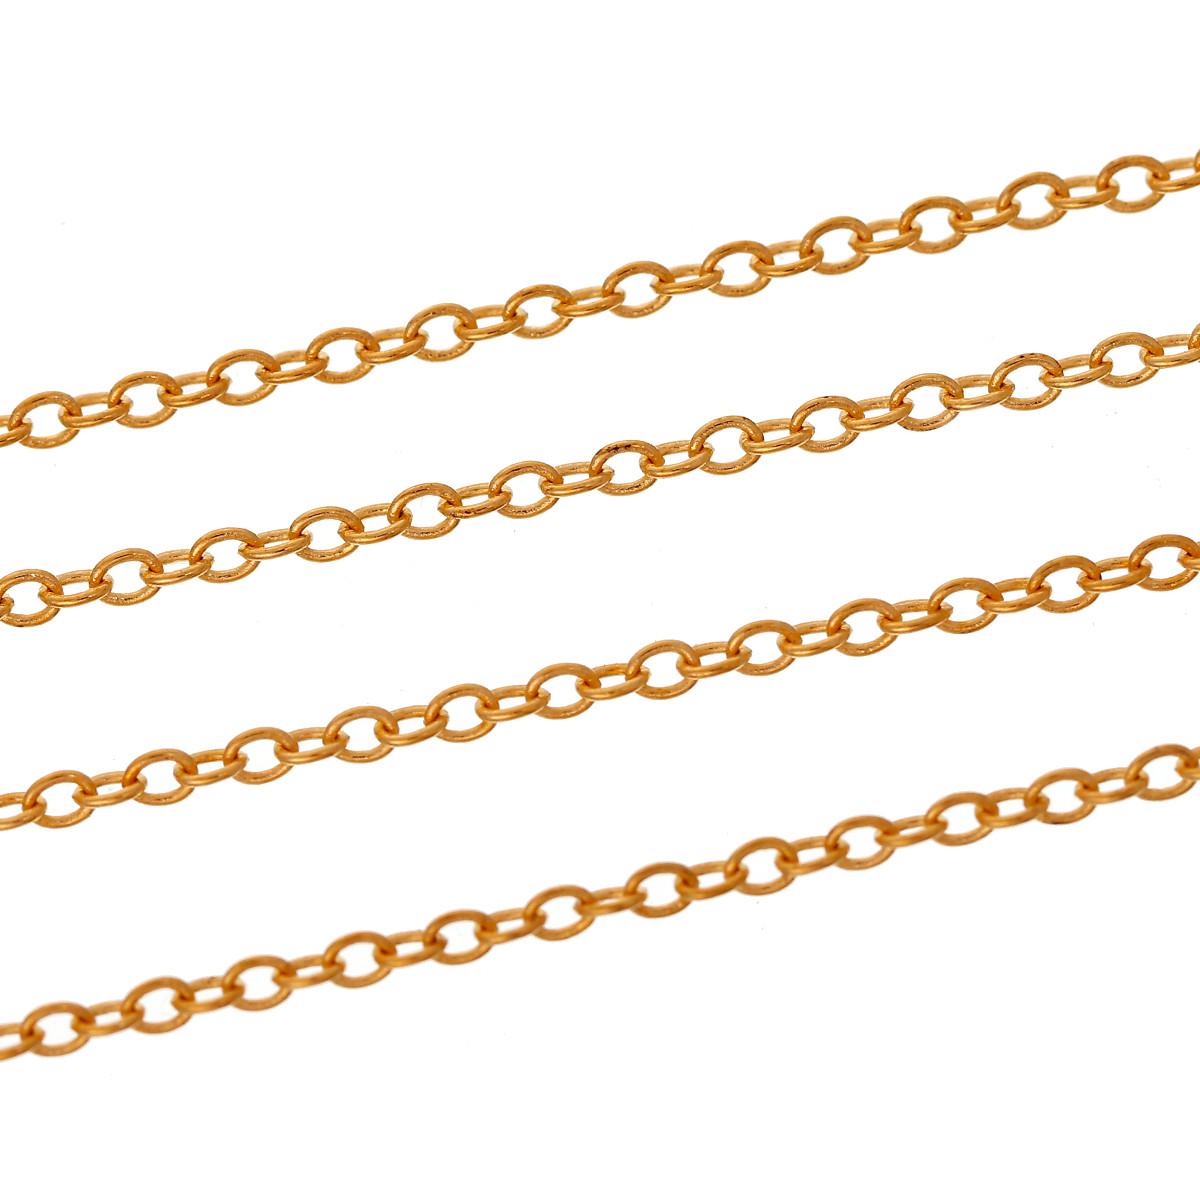 Цепь 2х1,5 мм золото для рукоделия